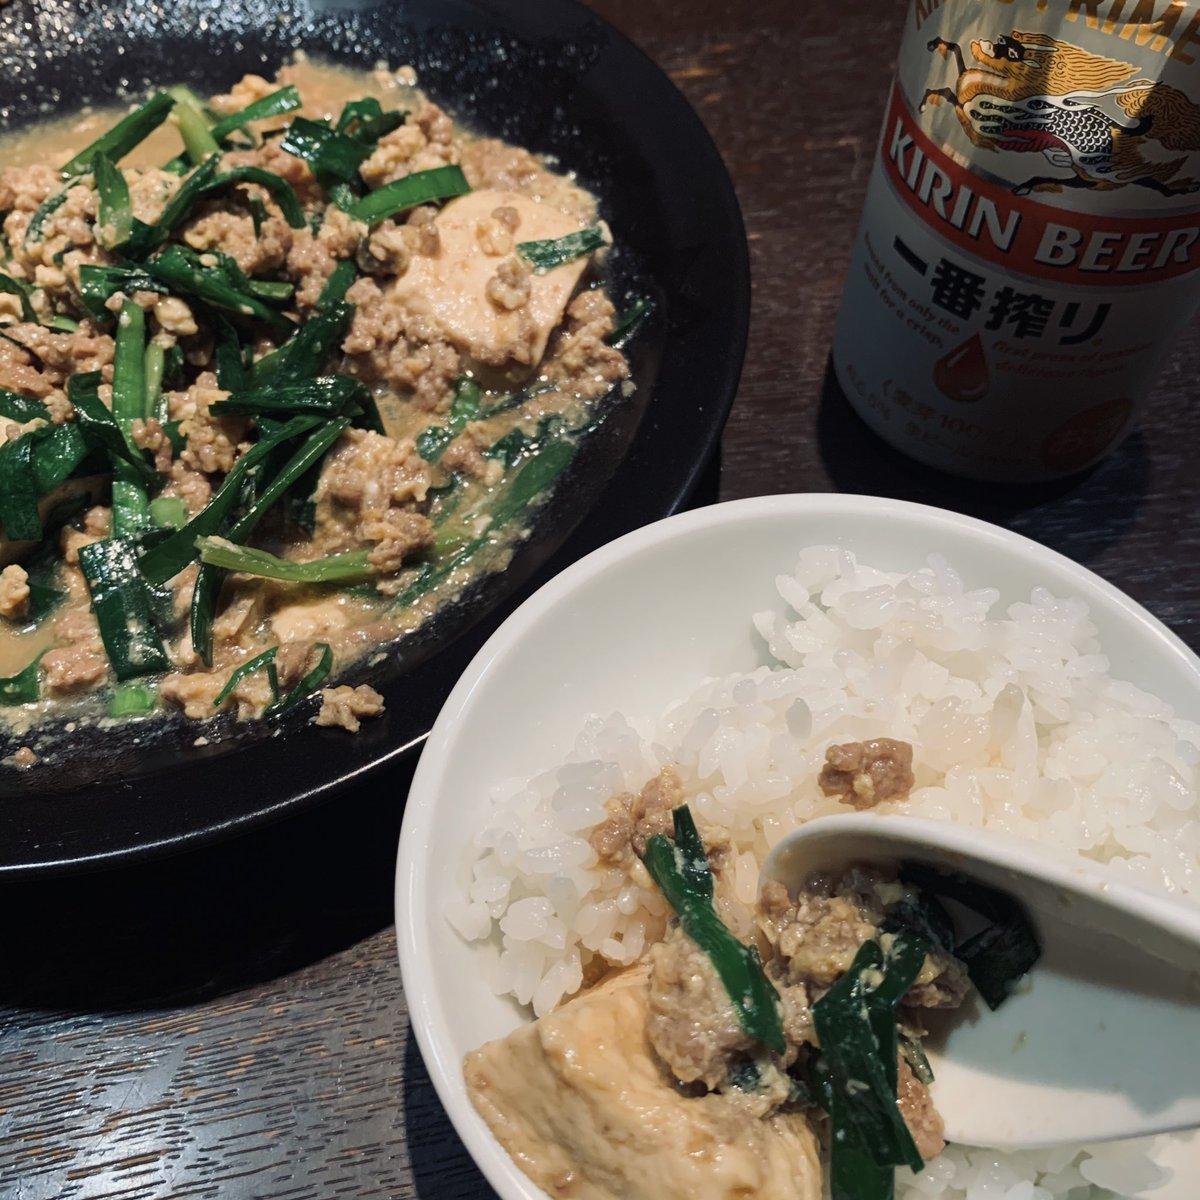 #讃美歌のメシ 豚ひき肉と木綿豆腐のニラ玉炒め😄なかなかうめえ😊簡単だし、濃いめの味付けだからメシ進む‼️😋レシピには4人前って書いてあったな…💧ひとりで完食してたわ☺️またつくろ🙂